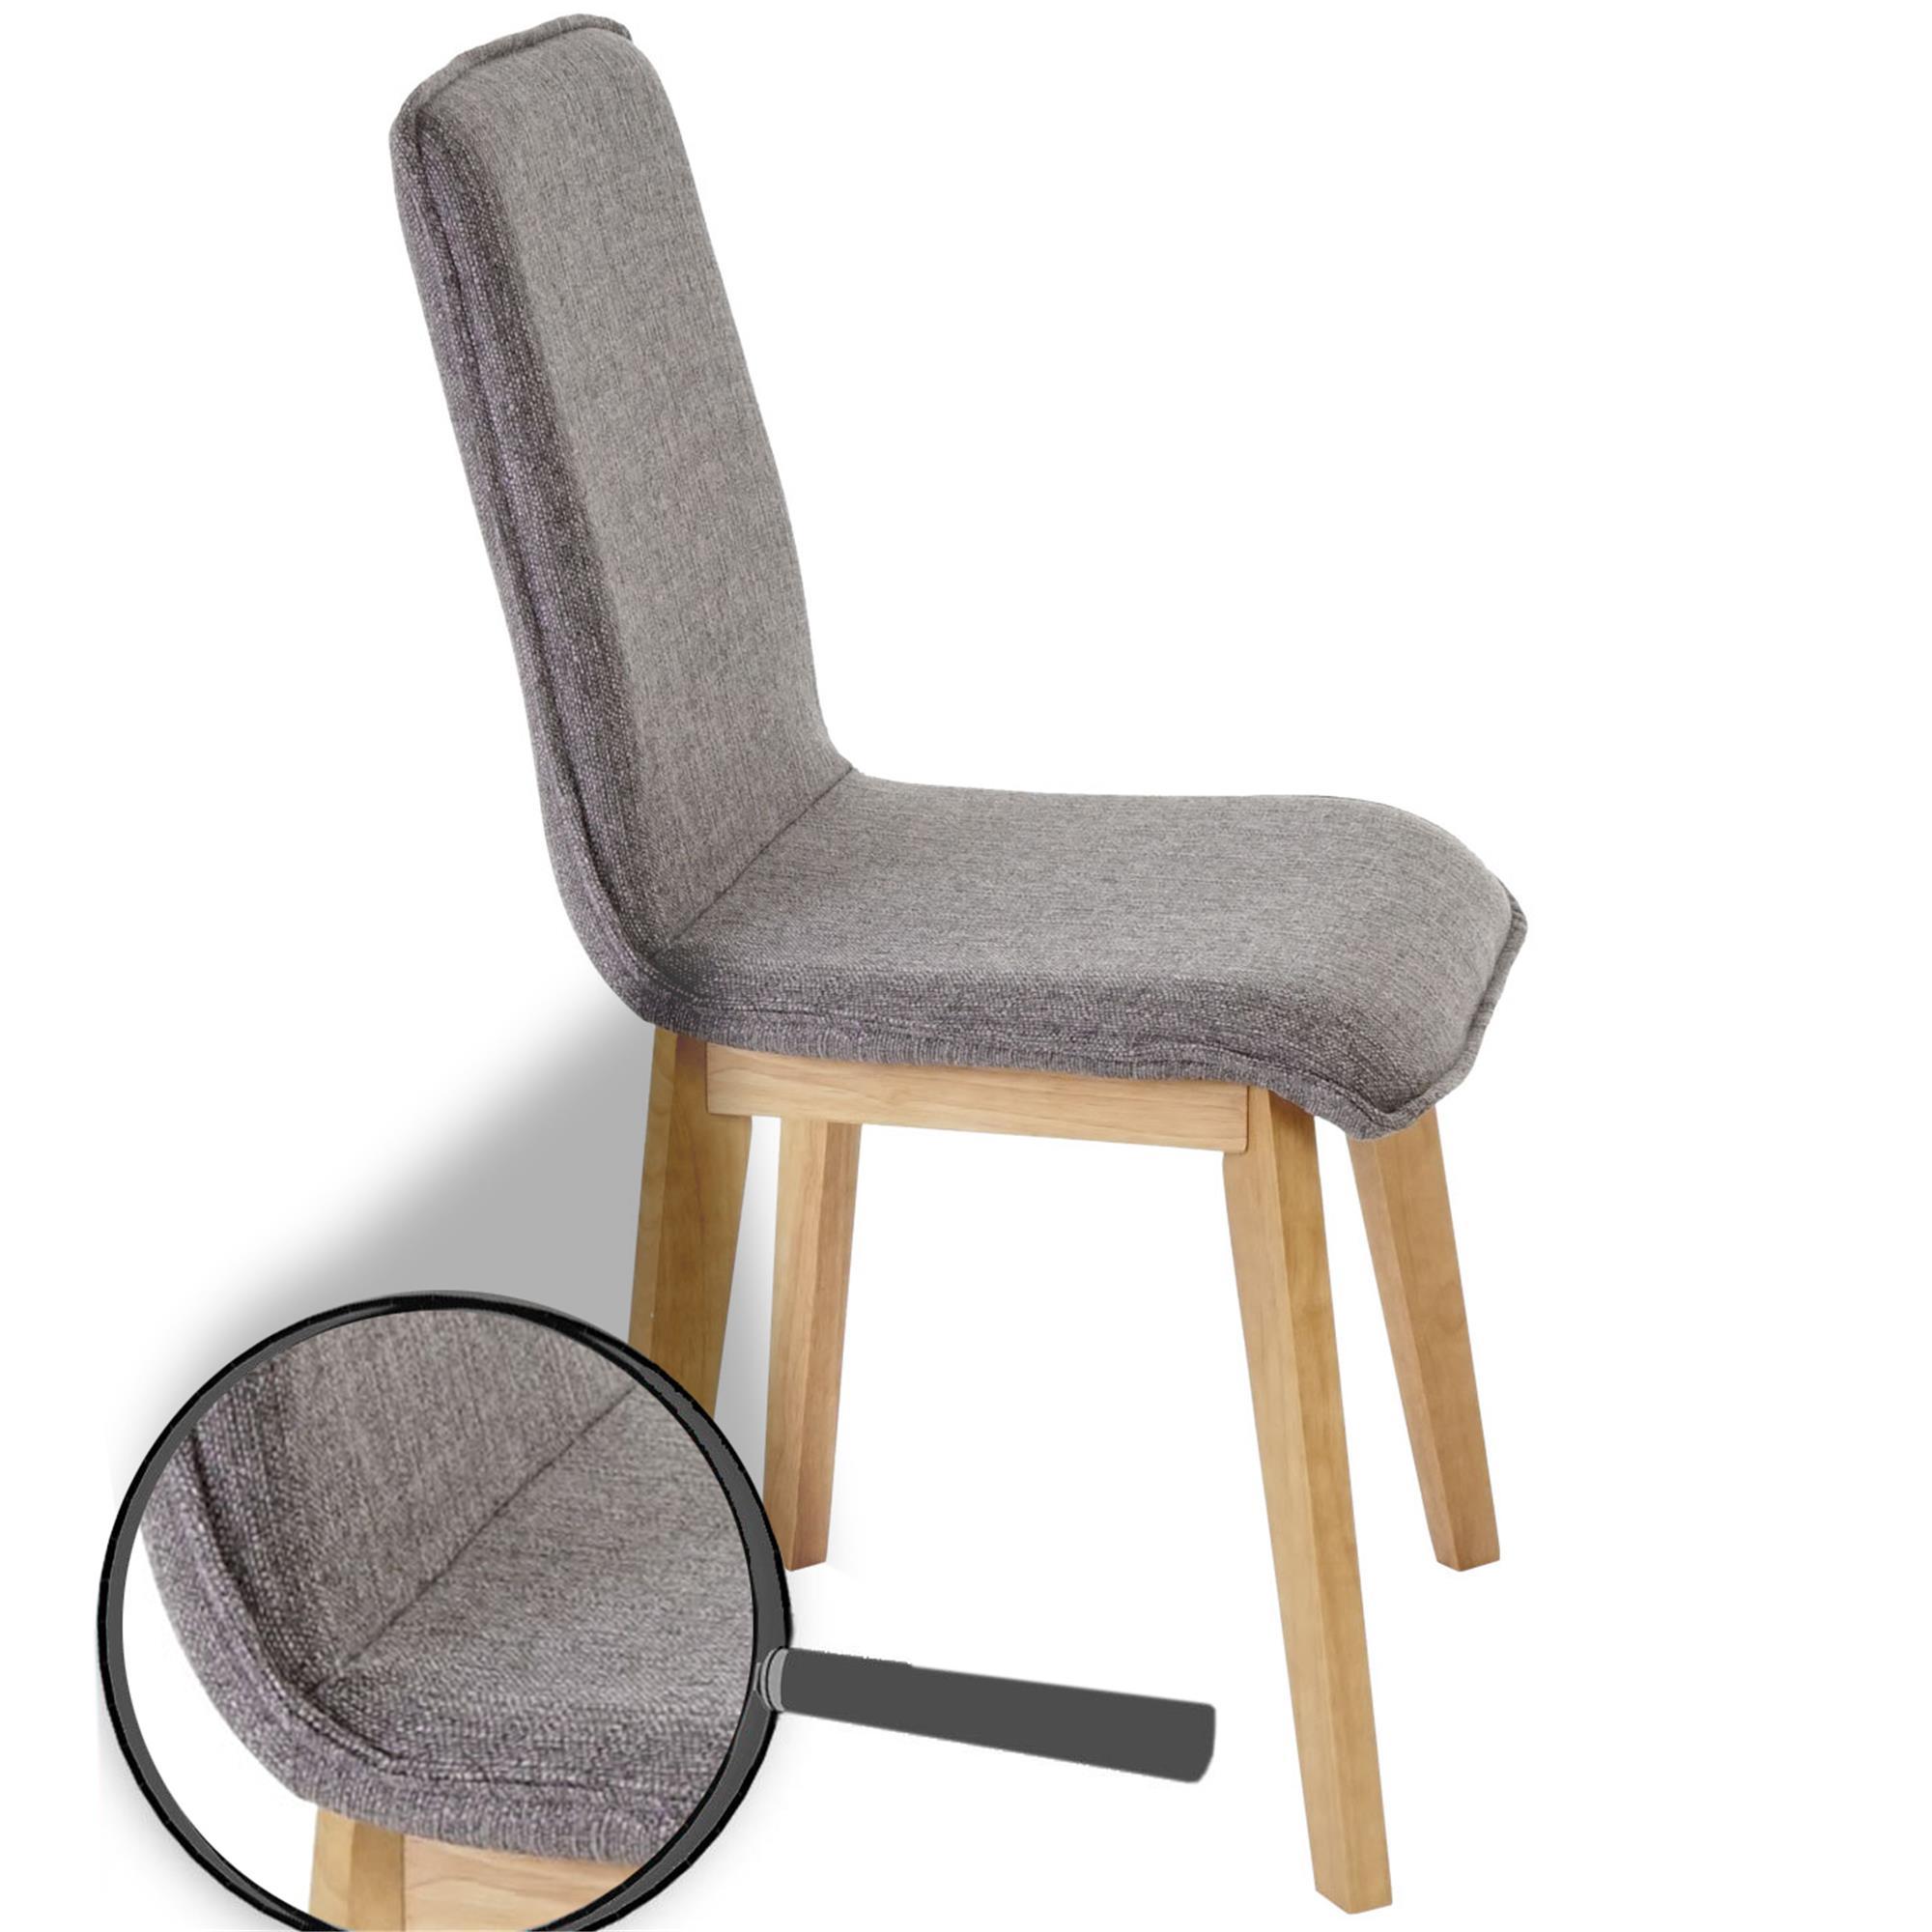 Lote 6 sillas de cocina o comedor ford en tela gris for Comedor de madera 6 sillas